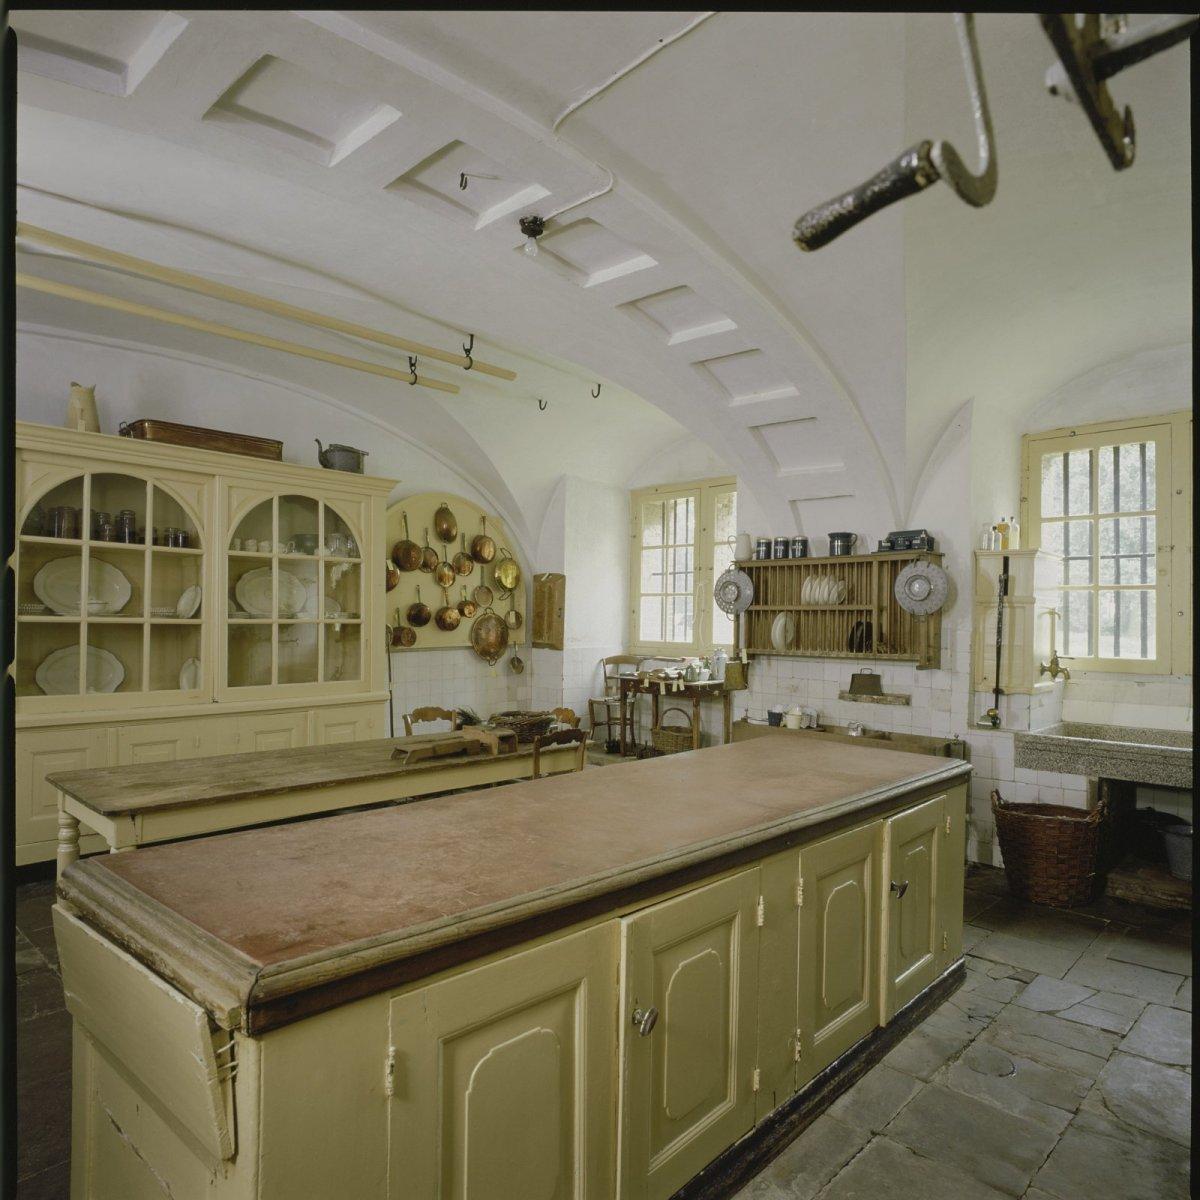 File interieur overzicht van de keuken detail inhoud keukenkast in het onderhuis amerongen - Whirlpool van het interieur ...